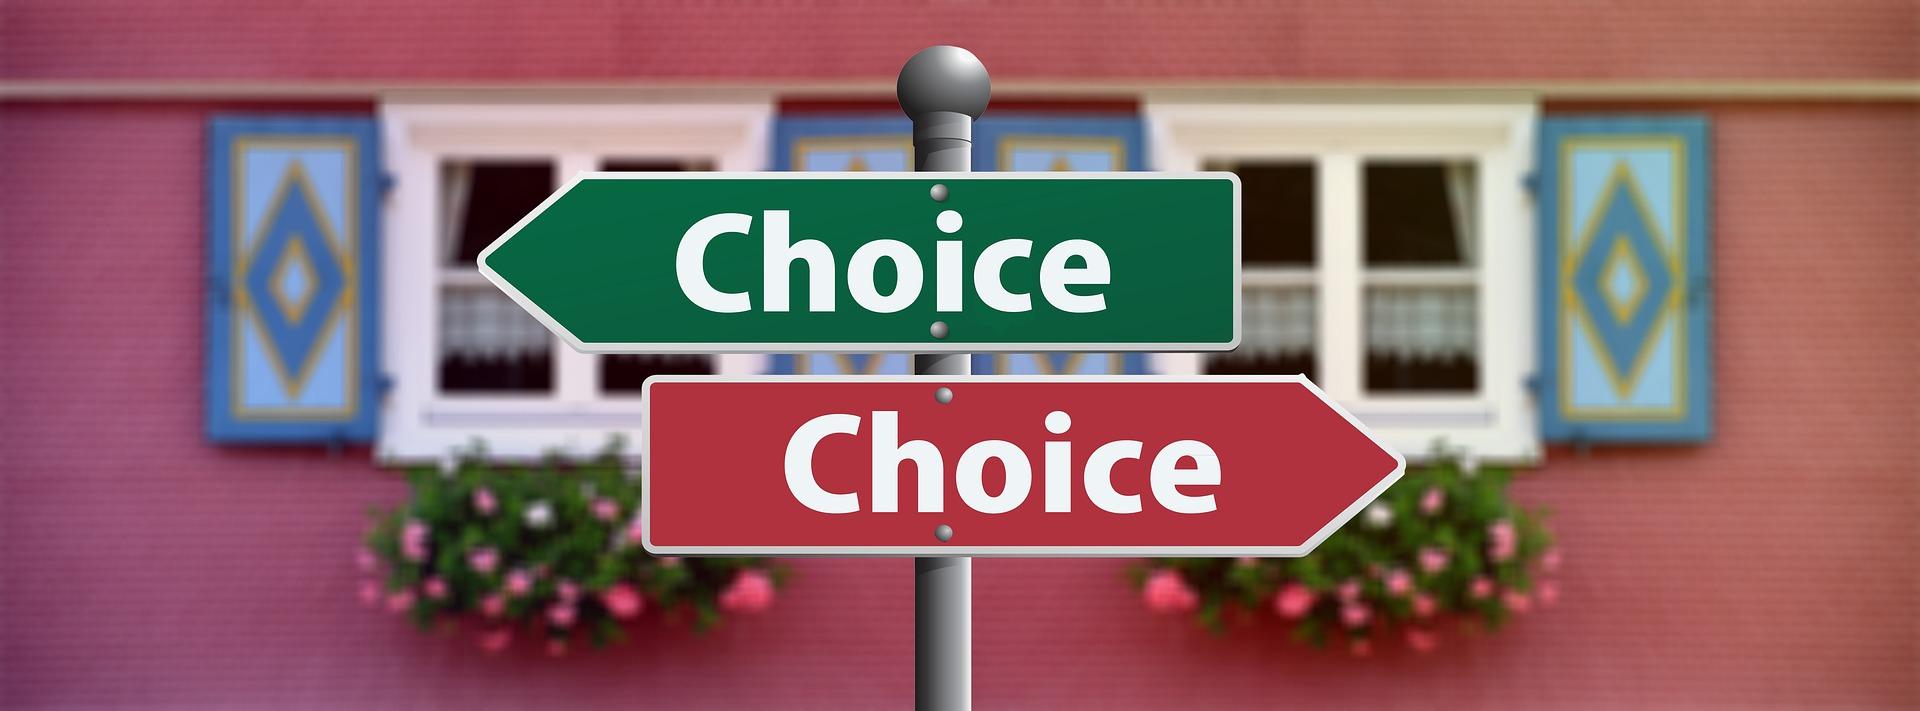 Lingue e moralità: in che modo una lingua straniera influenza le nostre scelte